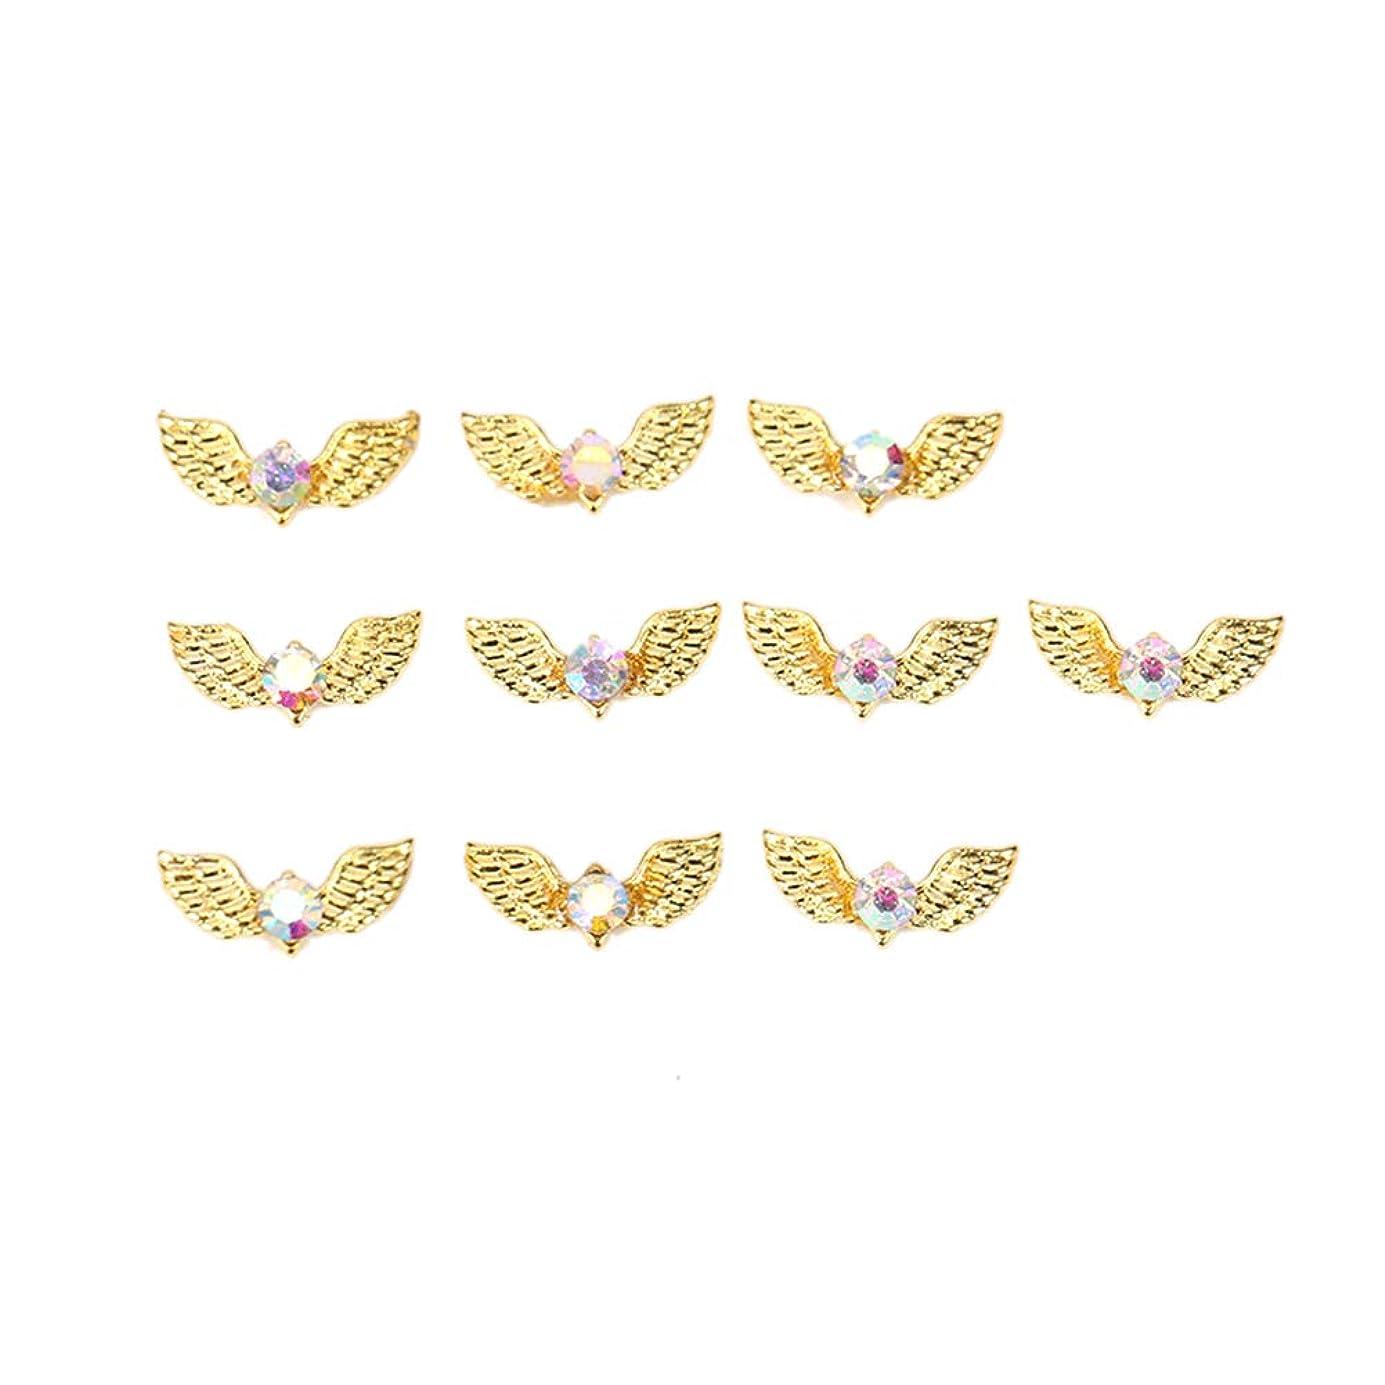 食い違い堂々たる最初にネイルパーツ ネイルパール メタルパーツ ネイルアート 3Dネイルシール 羽パターン DIY装飾品 ネイル用装飾 10PCS Powlancejp